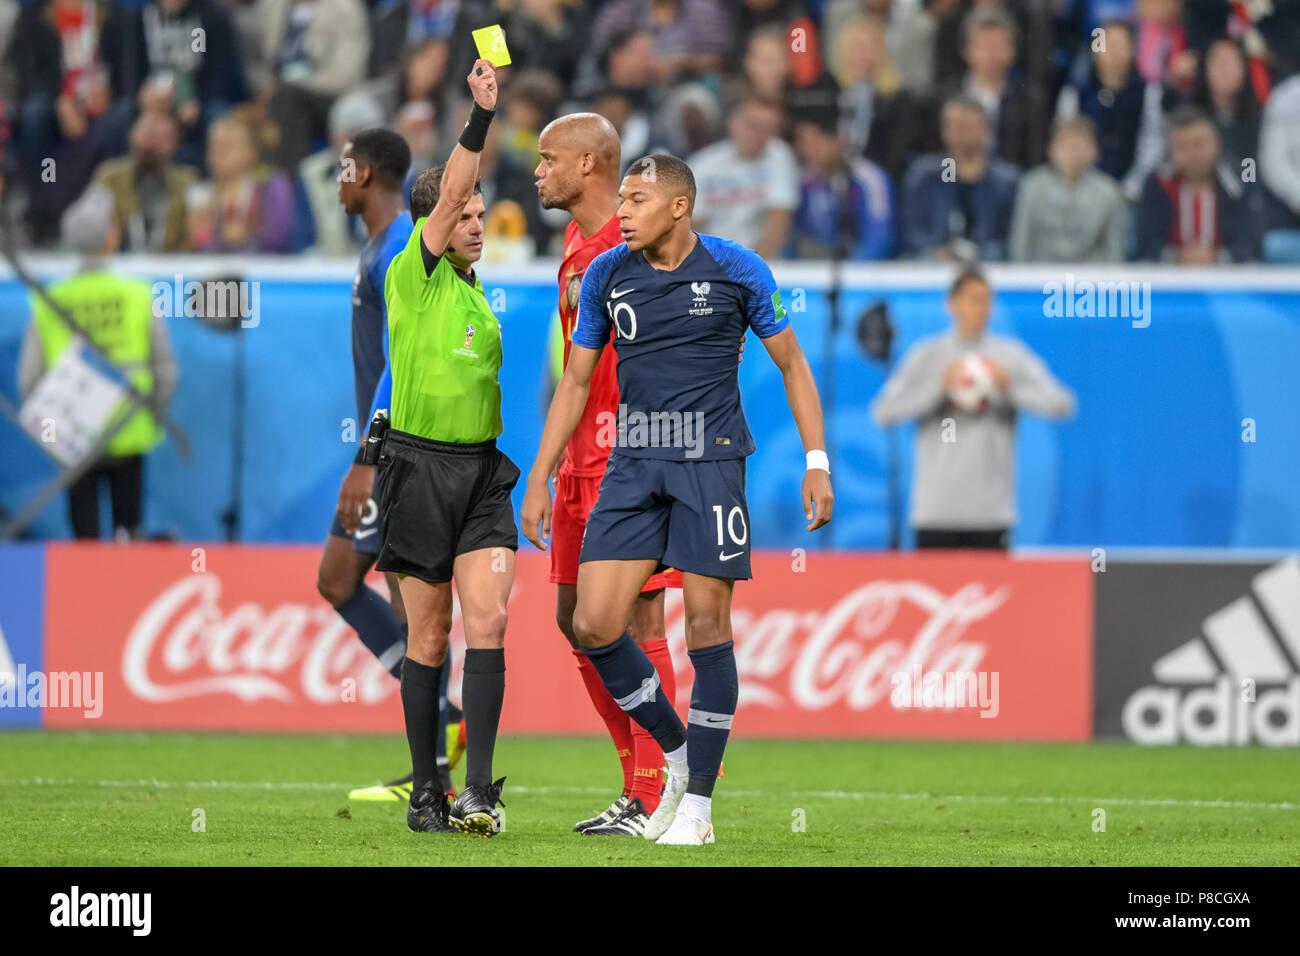 Rote Karte Wm 2018.St 10 Juli 2018 Gelb Rote Karte Für Kylian Mbappe Frankreichs Bei